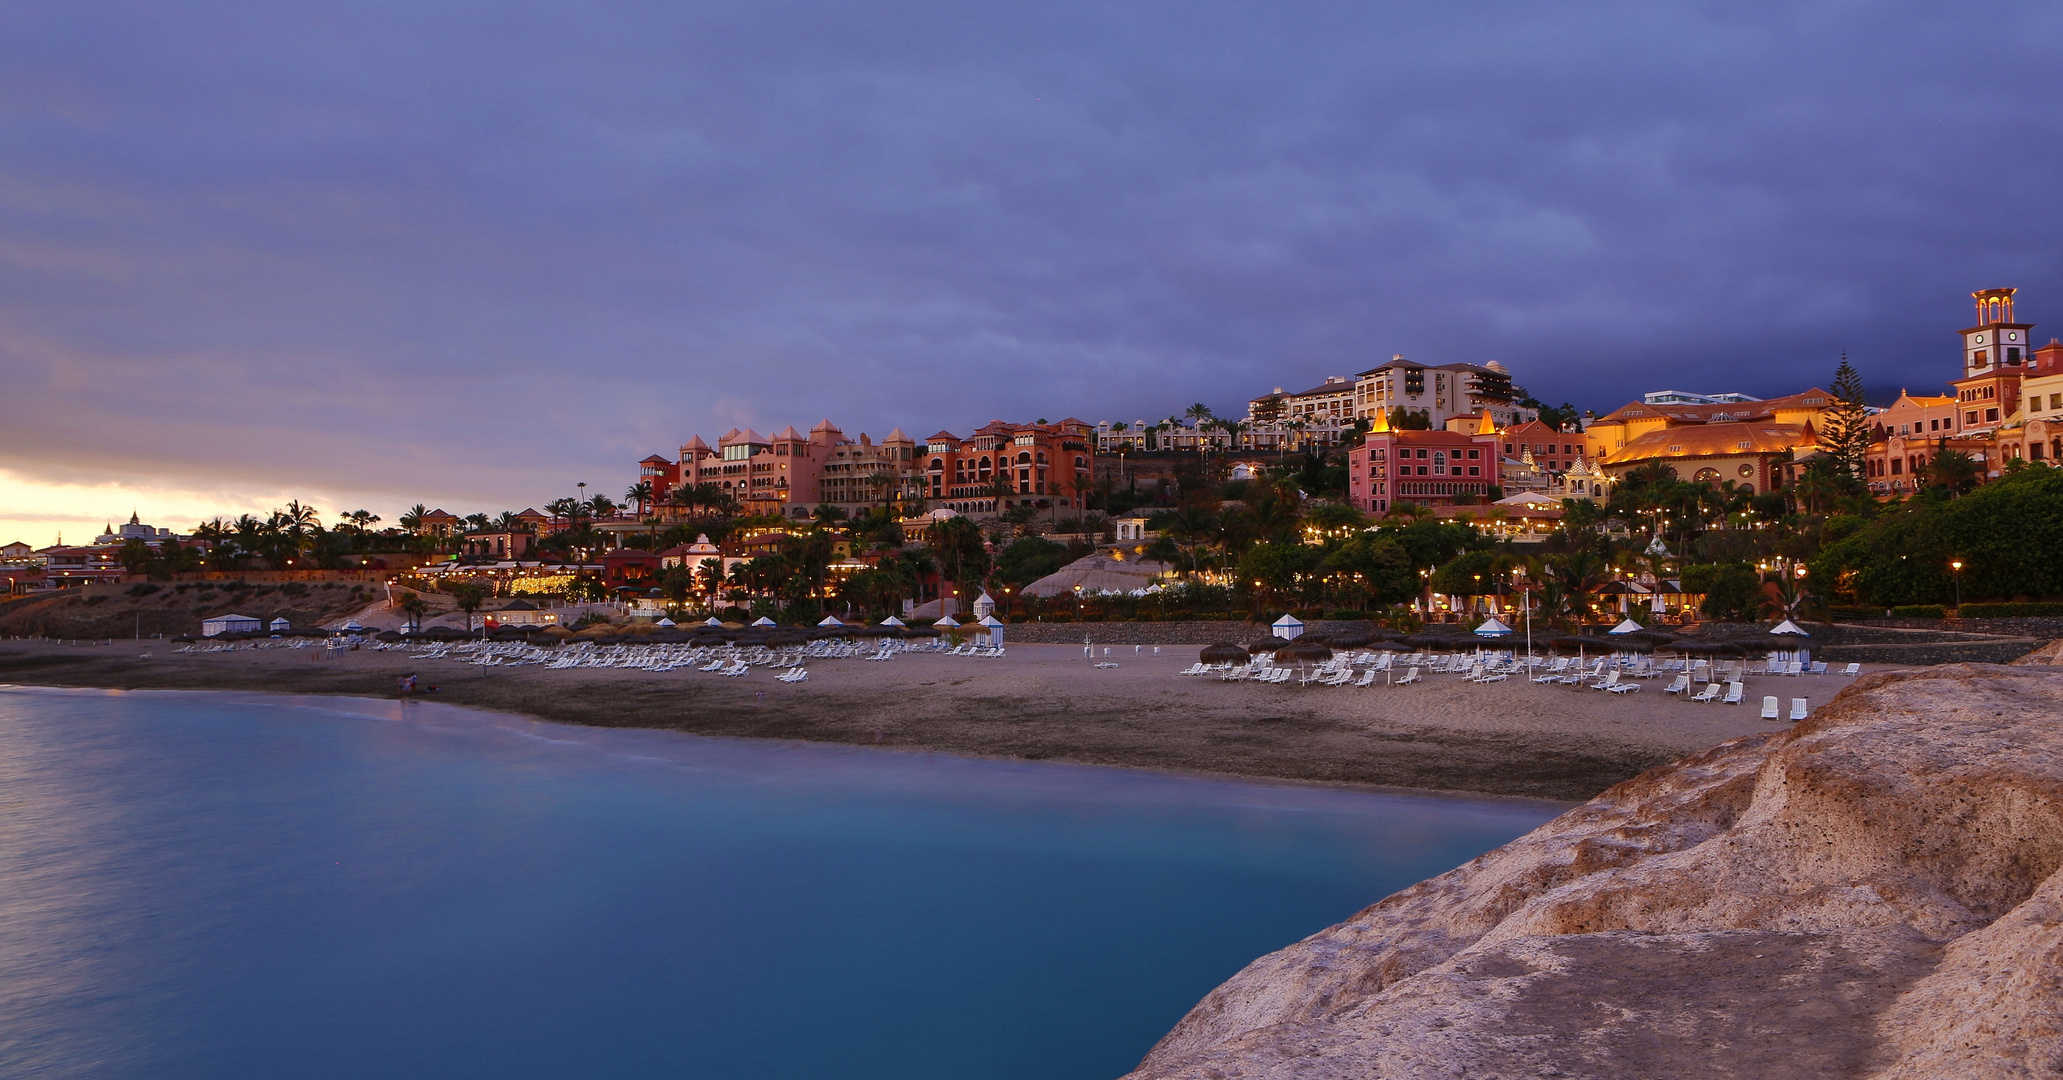 Playa del Duque im Abendlicht